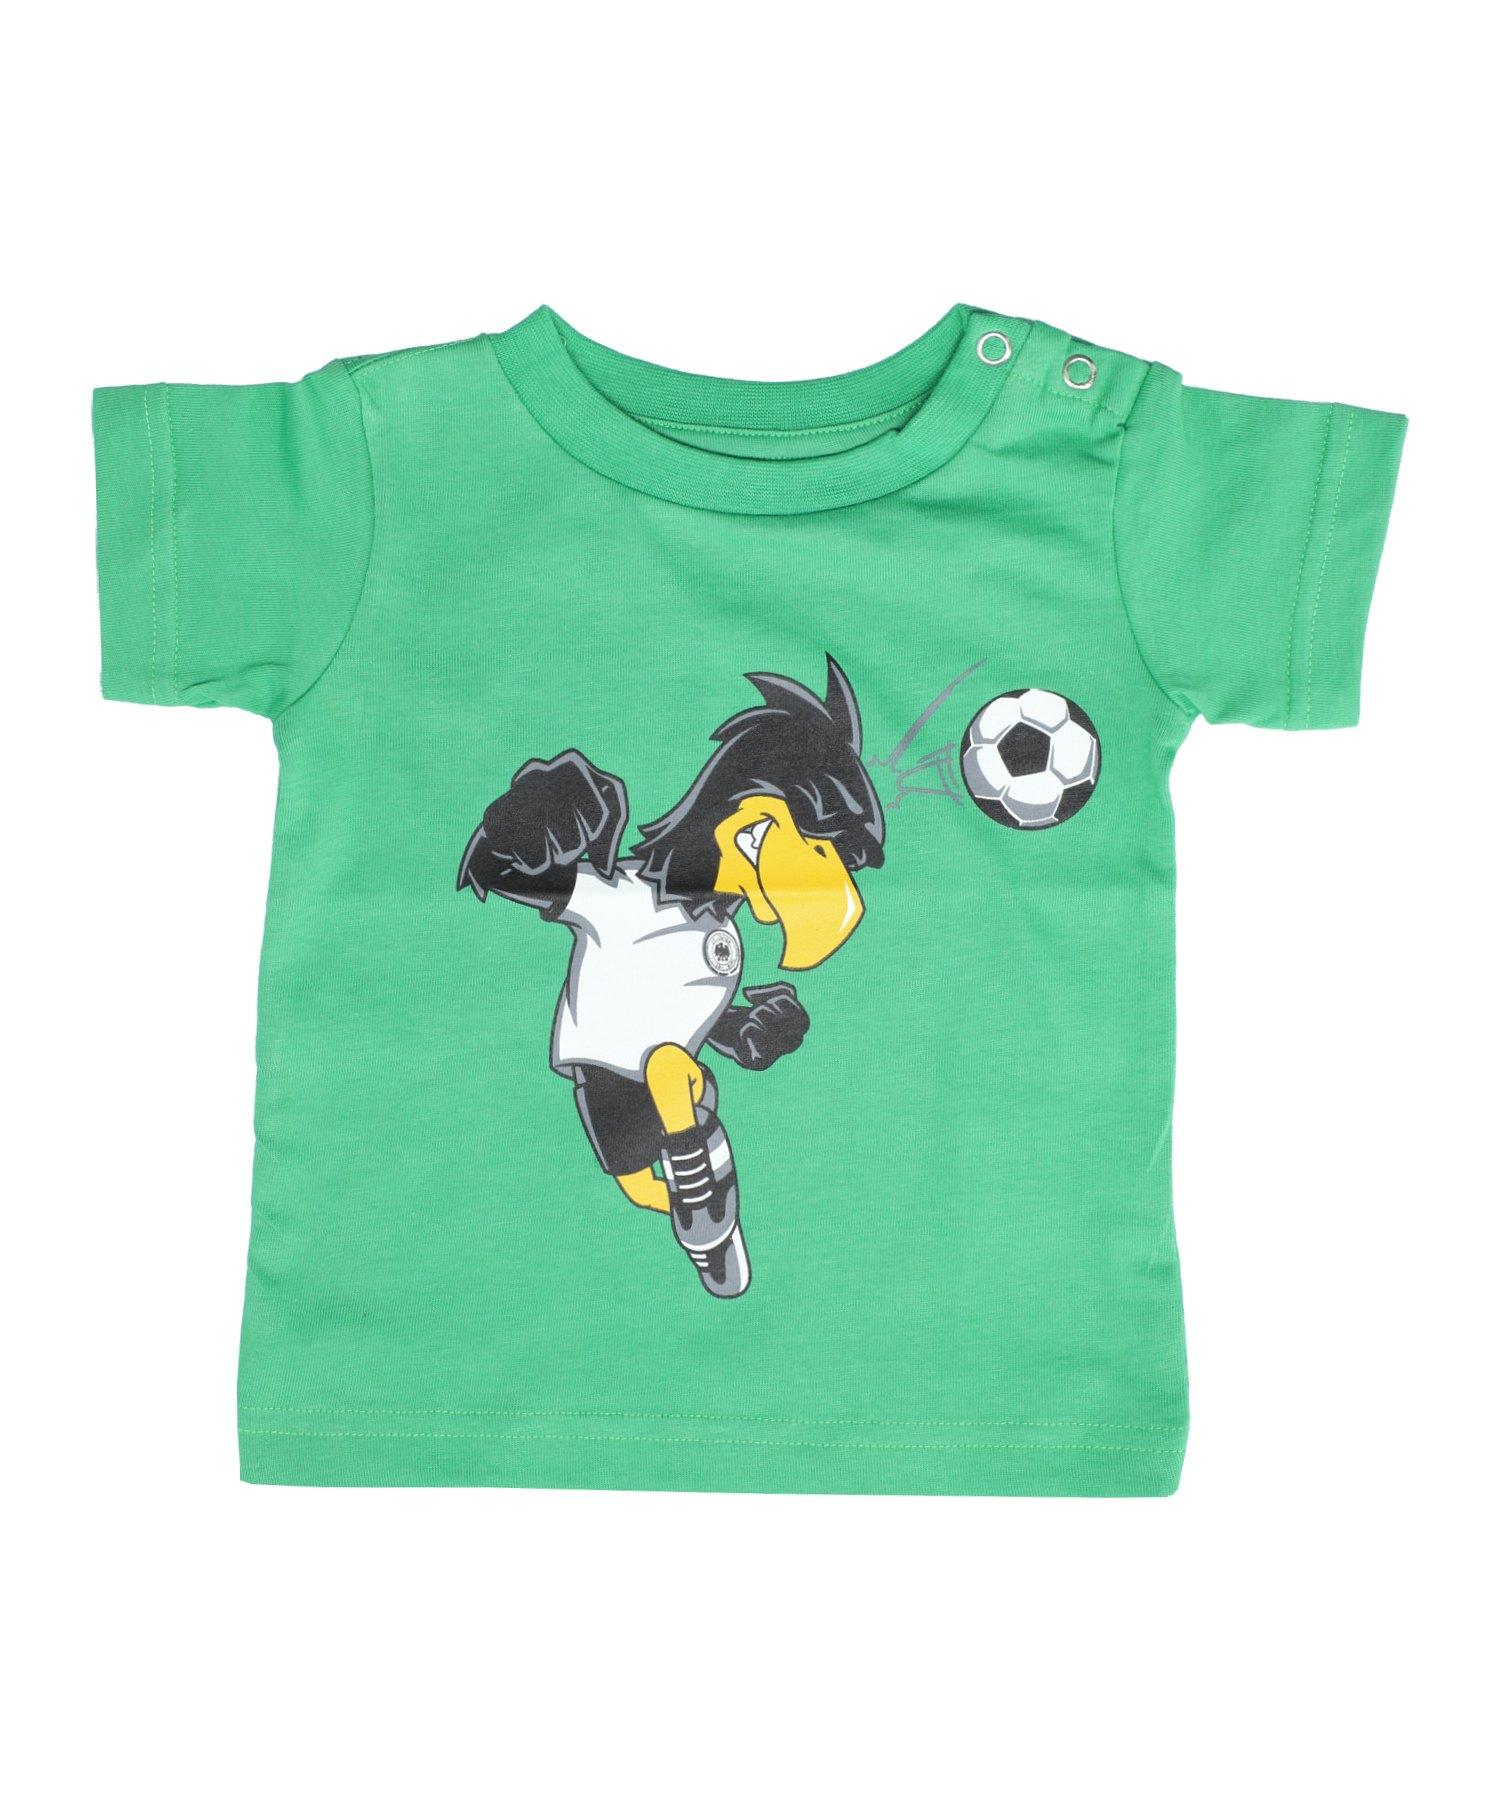 DFB Deutschland Paule Kopfball T-Shirt Kids Grün - Gruen